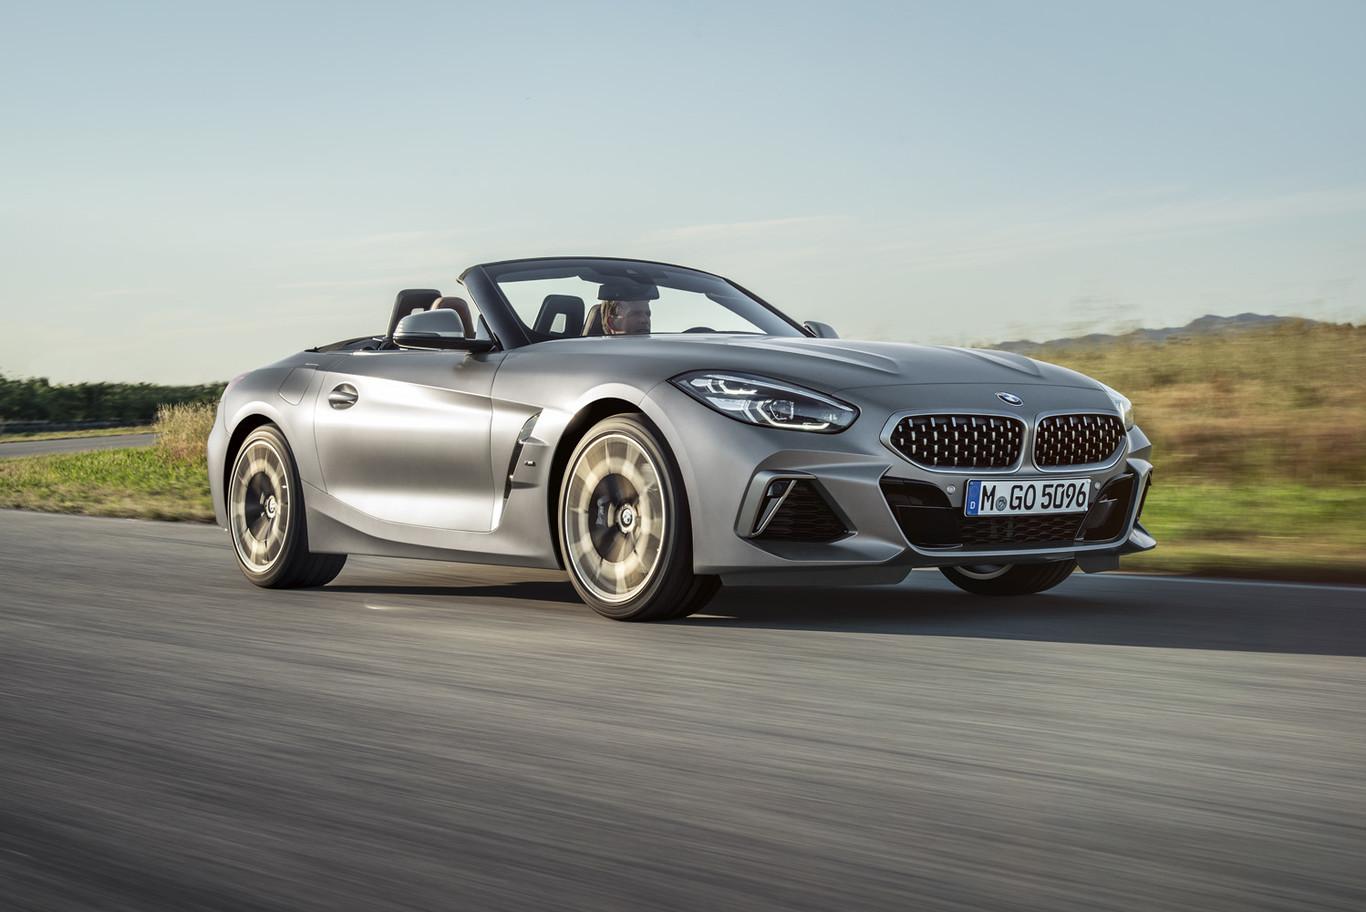 BMW detalla la gama del BMW Z4 2019: tres motores de gasolina, mucha tecnología e innumerables opciones